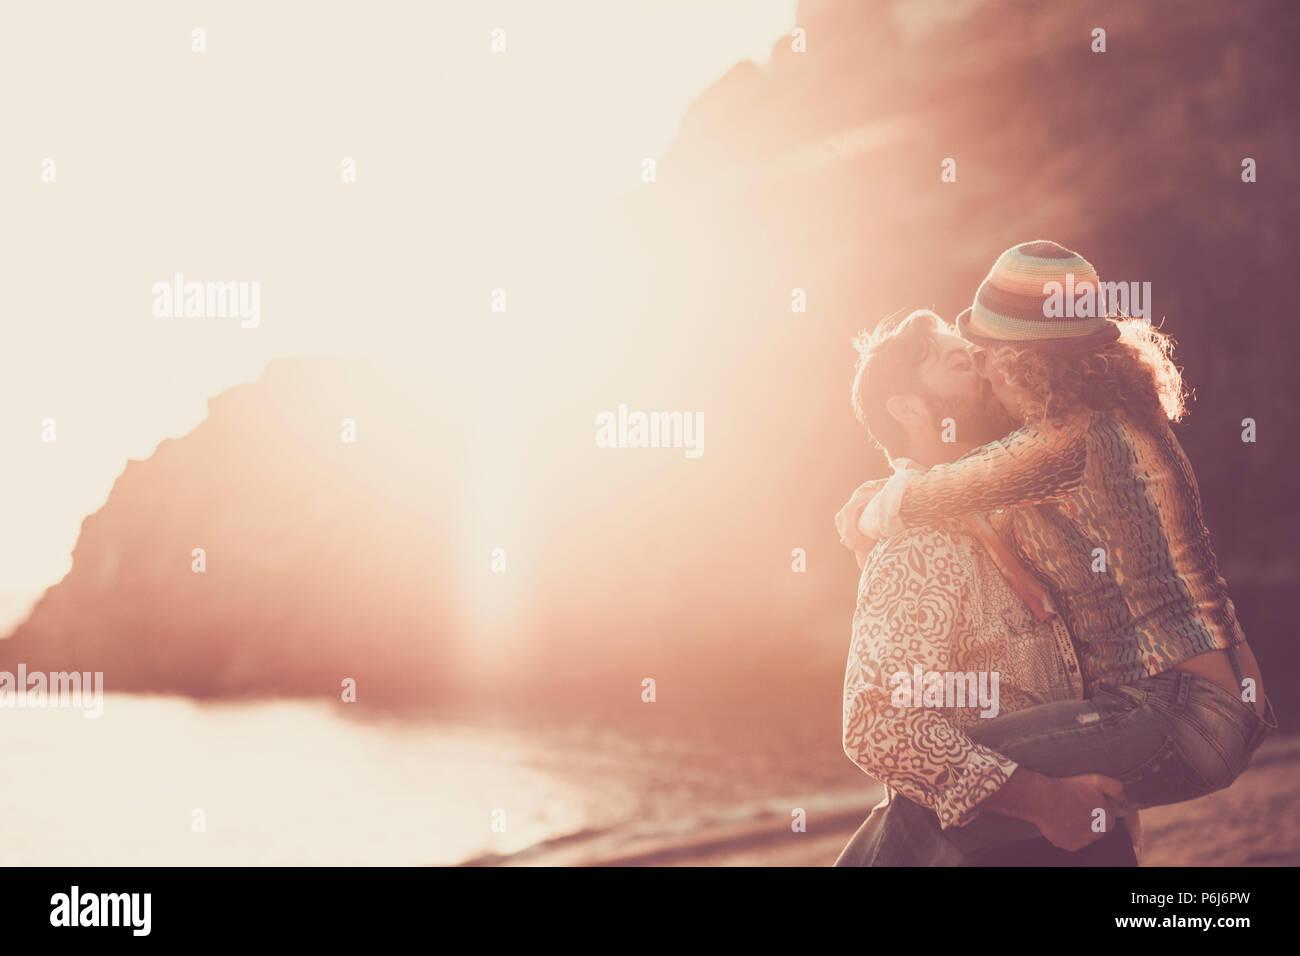 Edad media caucasian pareja besándose en la playa durante un increíble atardecer con ornage golden cálidos y colores rojos. abrazos y llevar con pasión un Imagen De Stock